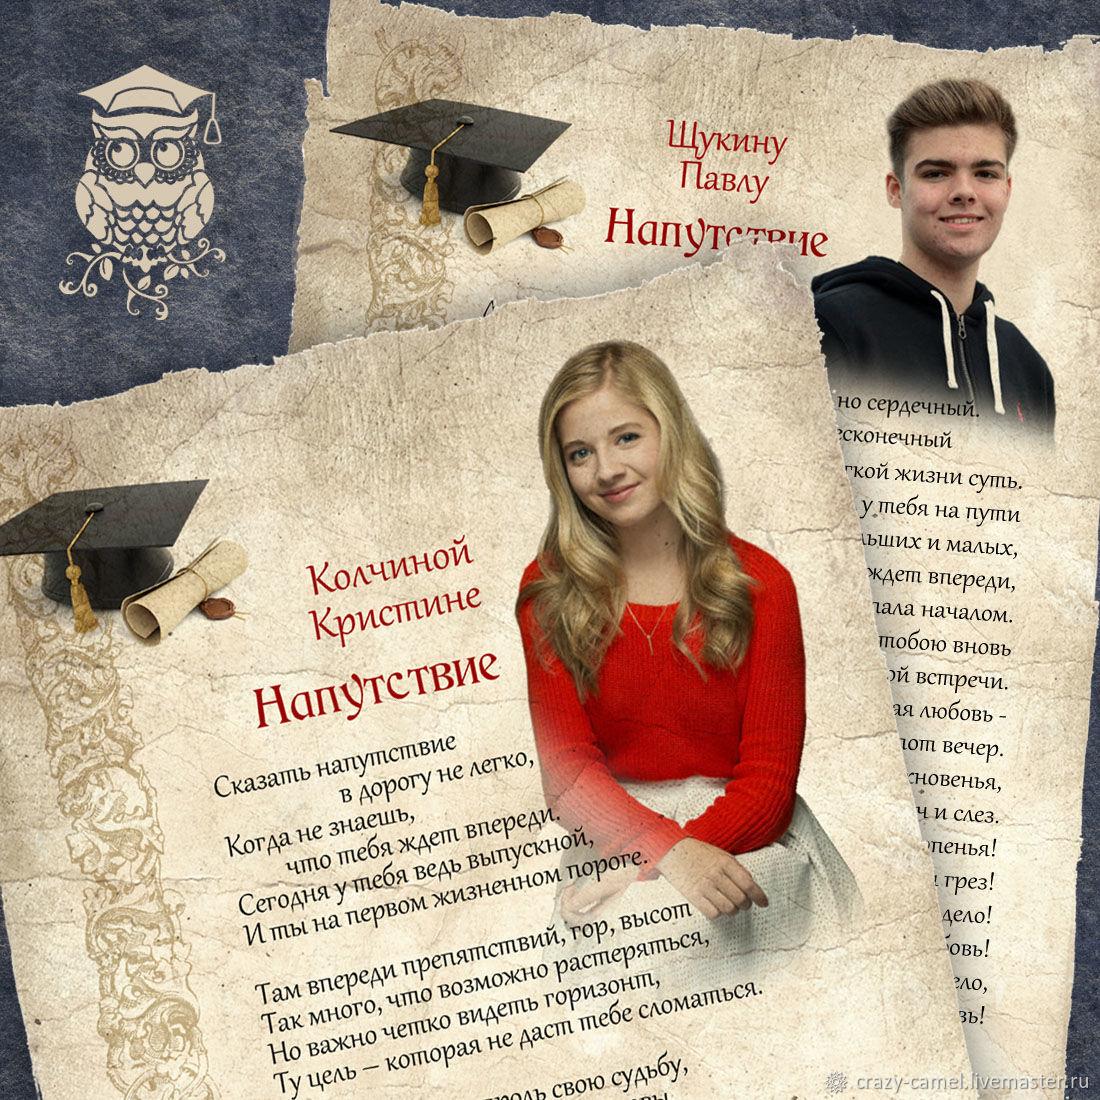 Поздравления в стихах для выпускников 11 класса по именам